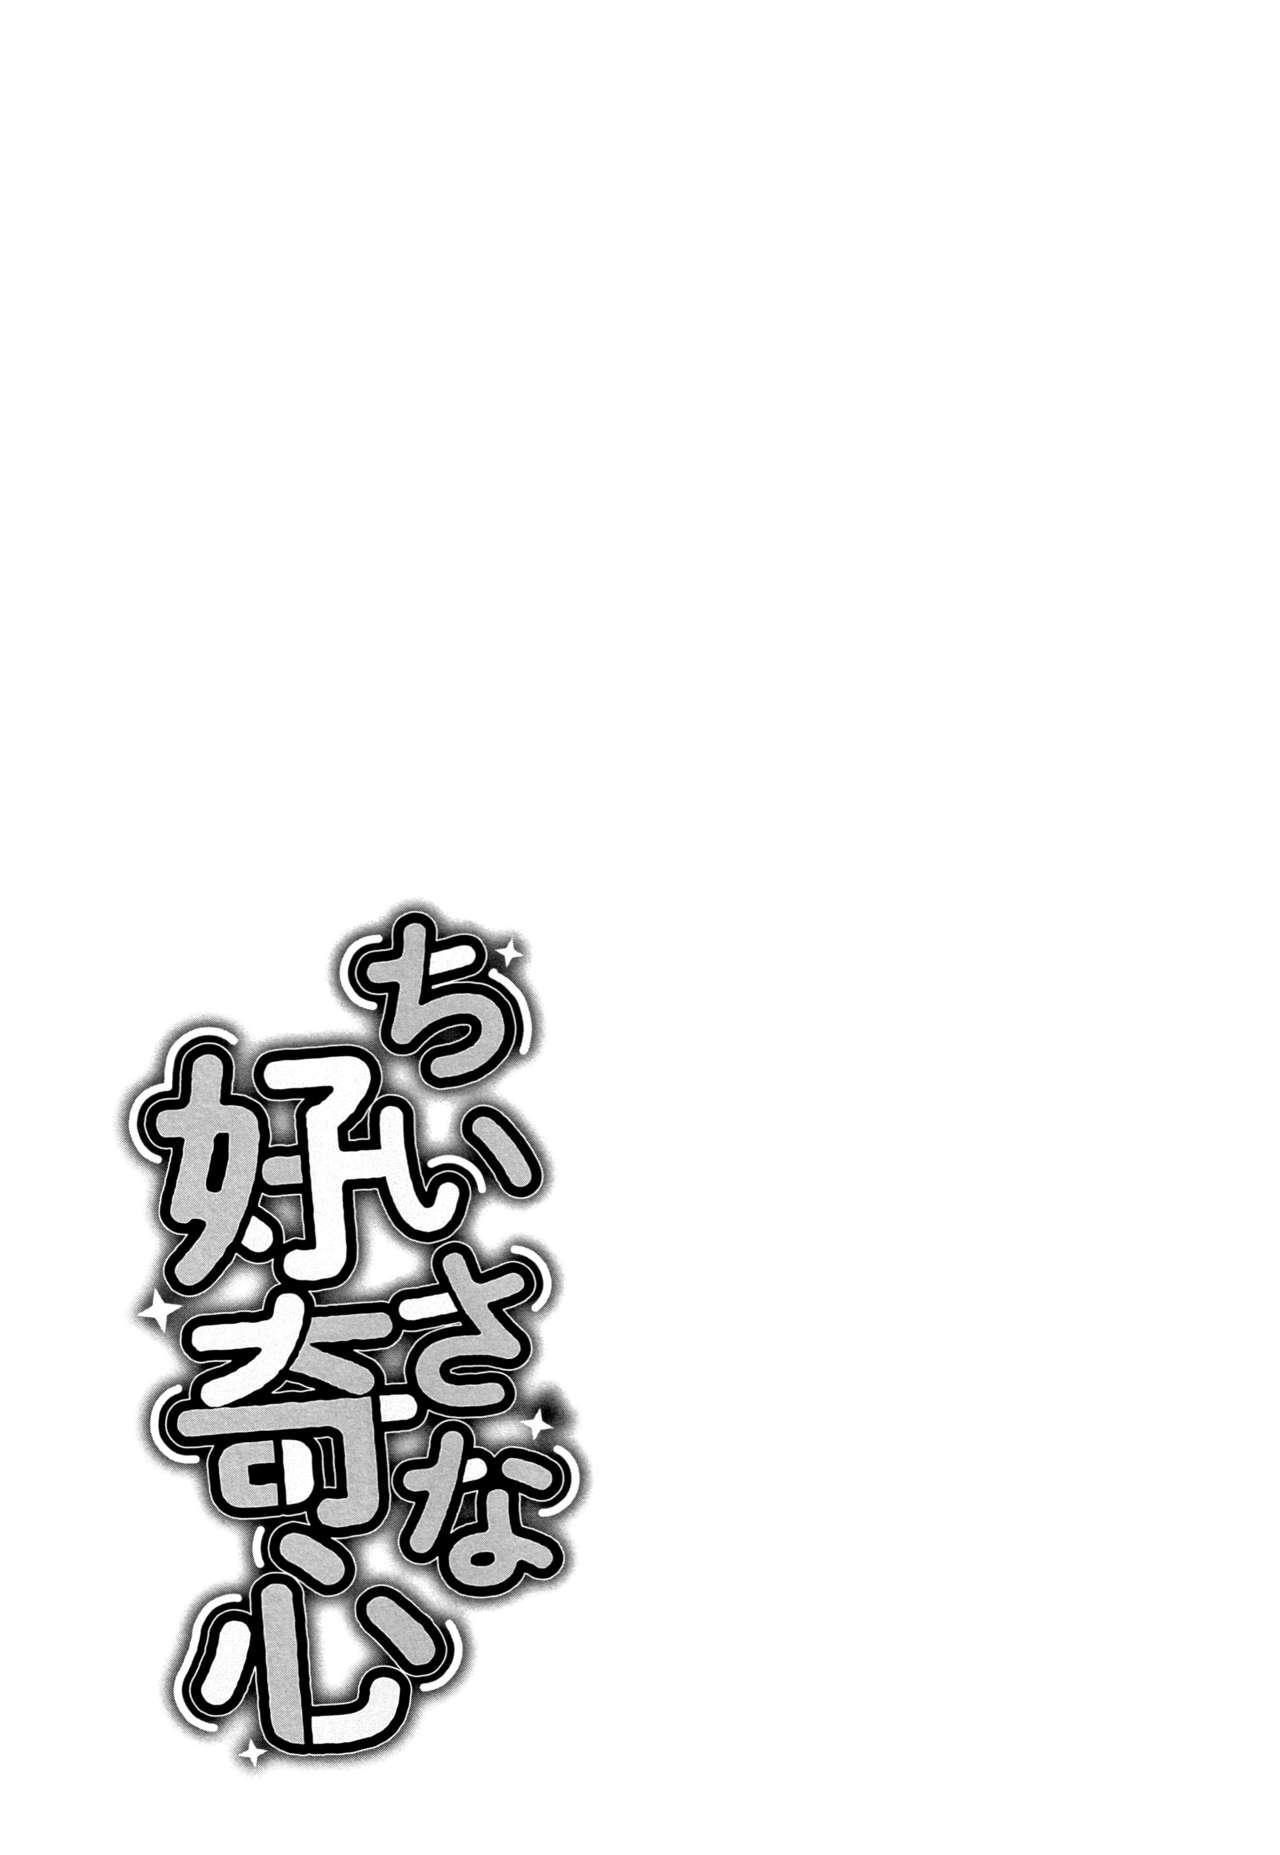 Chiisana Koukishin   Tiny Curiosity 166